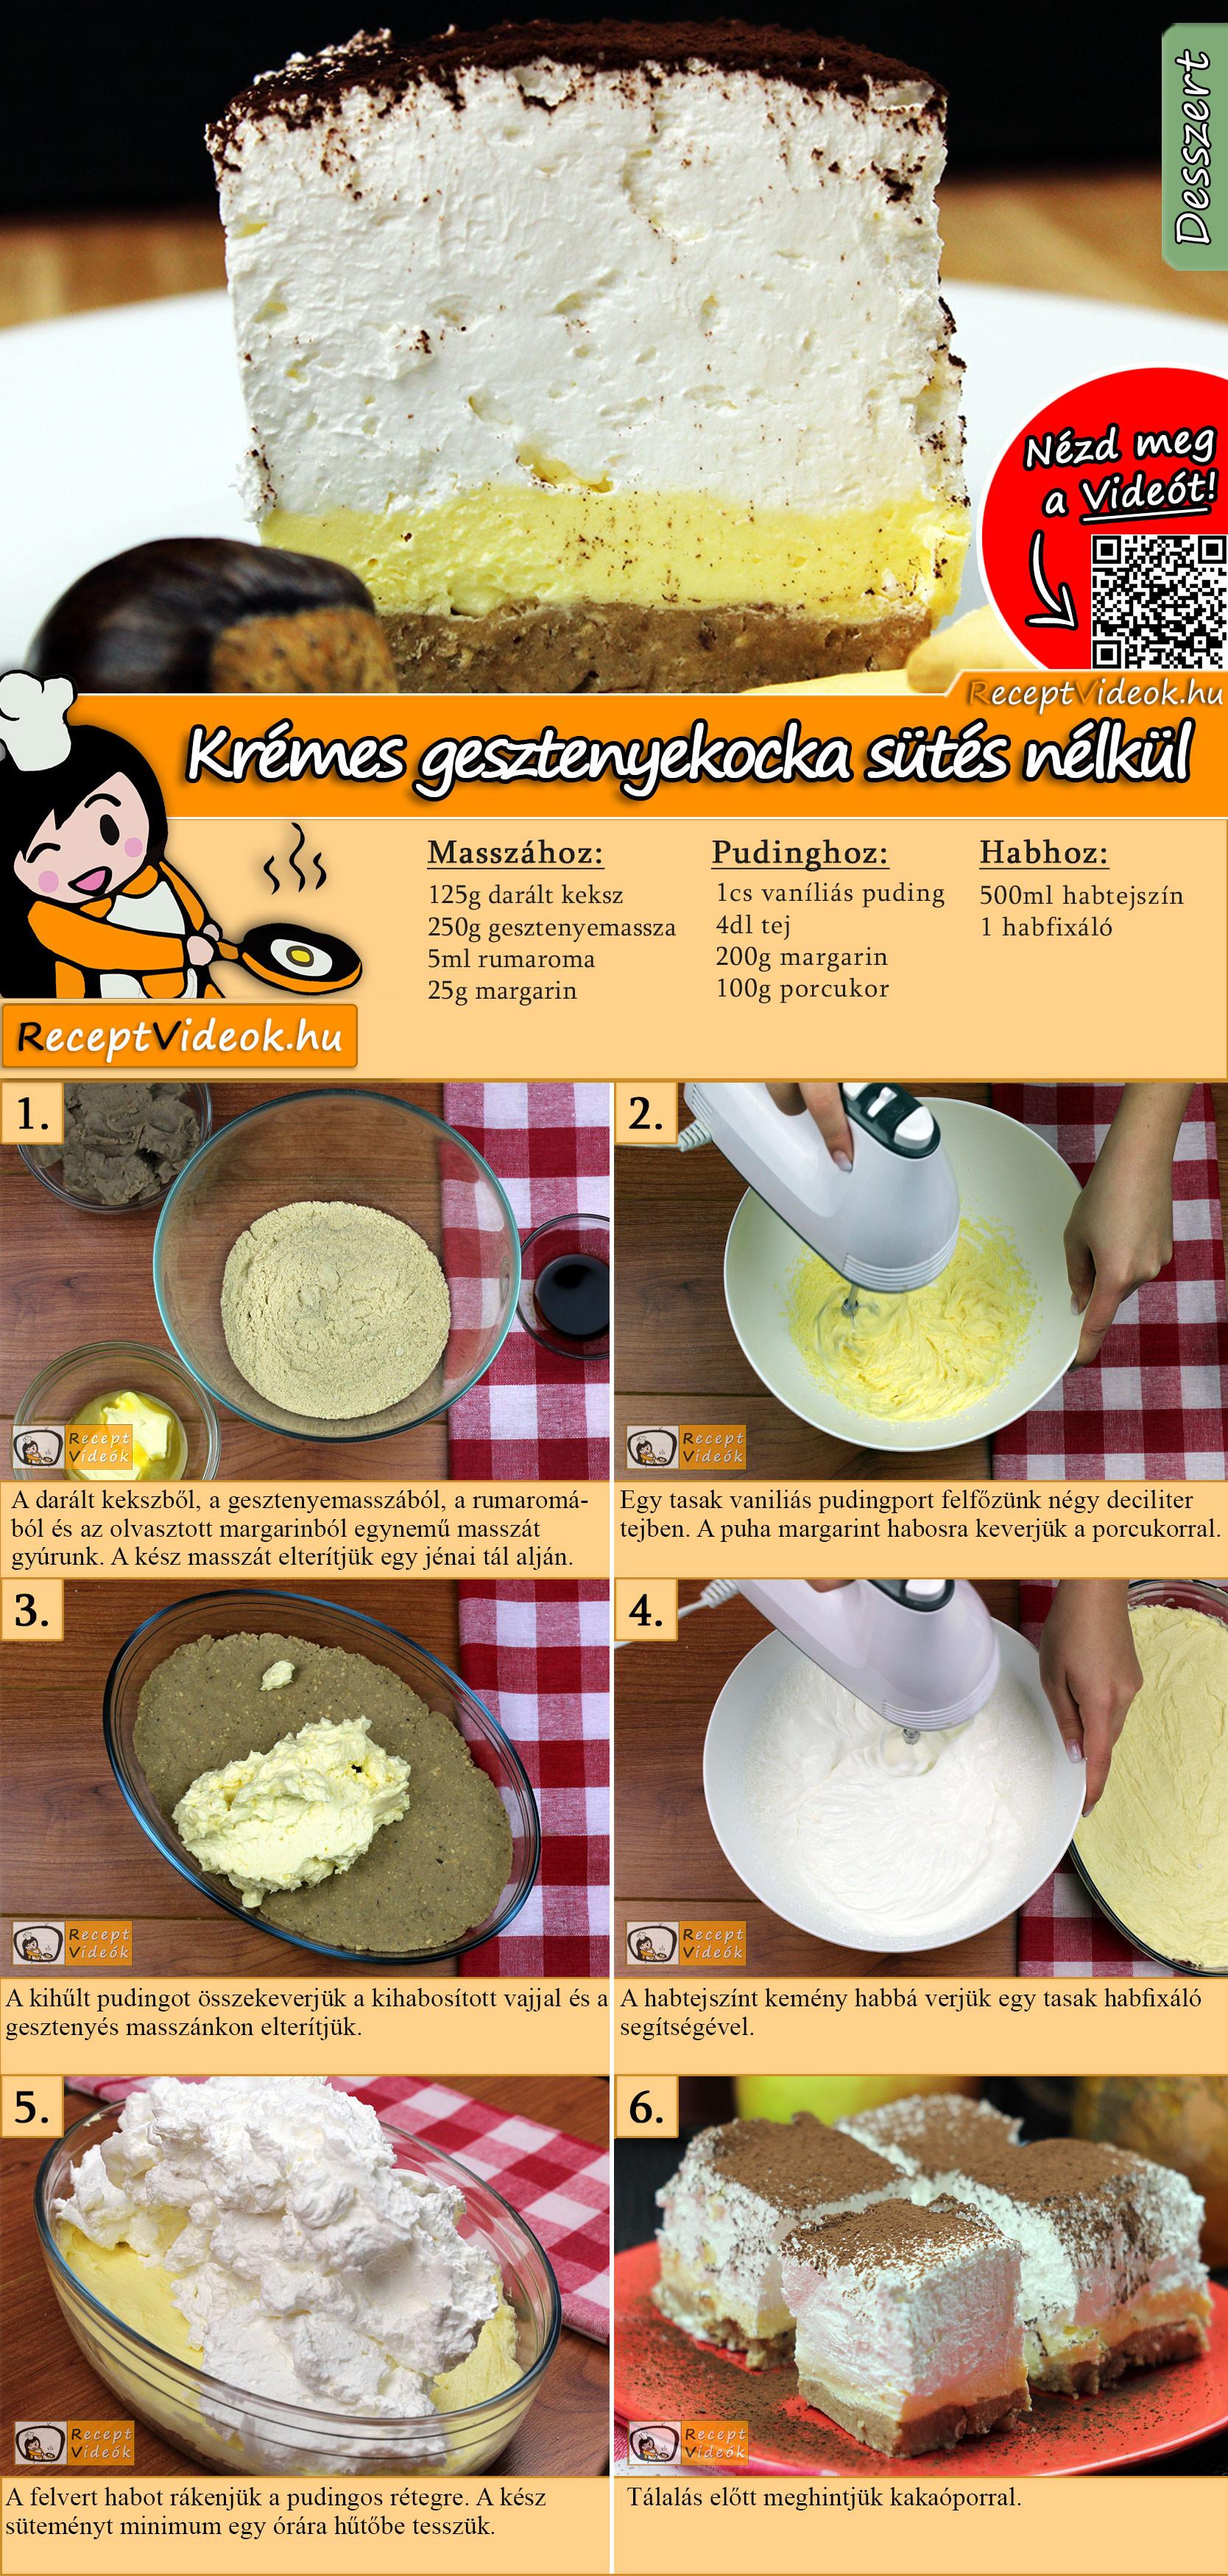 Krémes gesztenyekocka sütés nélkül recept elkészítése videóval